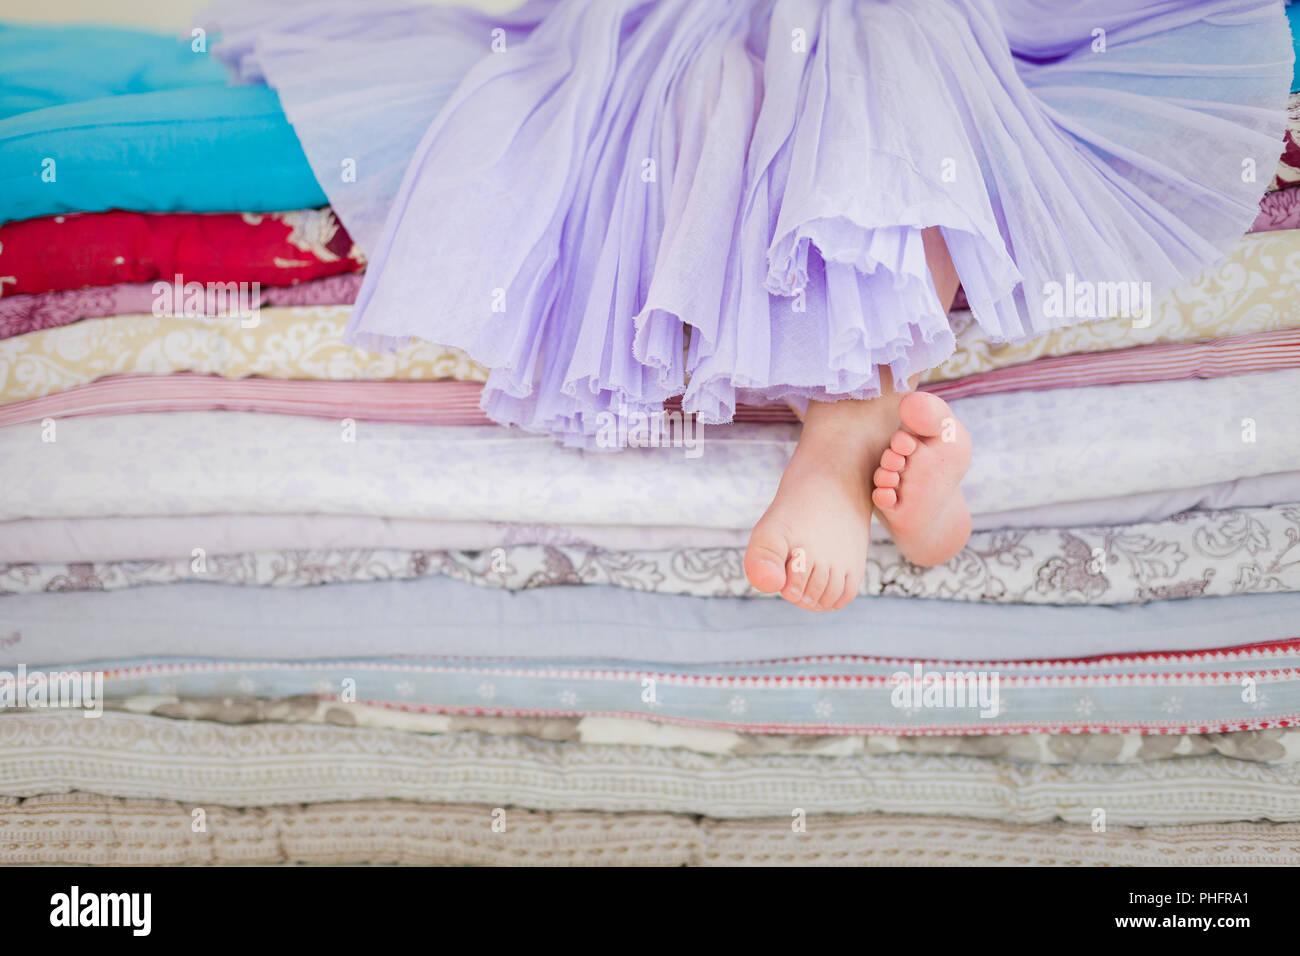 El cuento de hadas de la princesa en un guisante. Niña en color lila tatu falda sentada en la cama alta. Pie desnudo si la niña. Las piernas de una niña sentada en Imagen De Stock